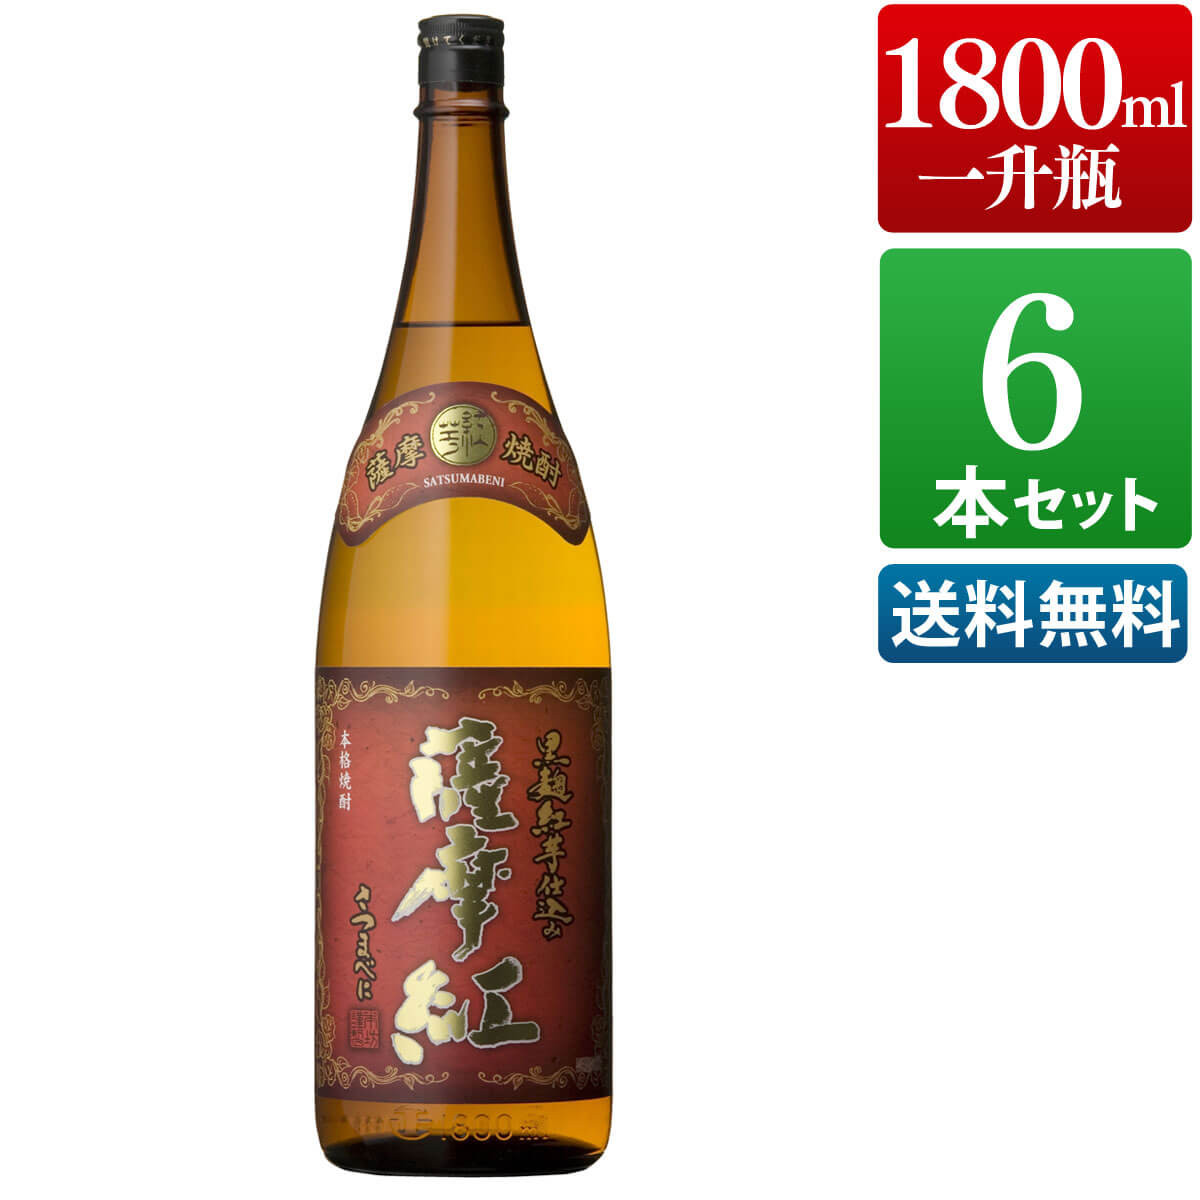 芋焼酎 6本セット 薩摩紅 25度 1800ml [ 本坊酒造 紅芋 焼酎 / 送料無料 ]